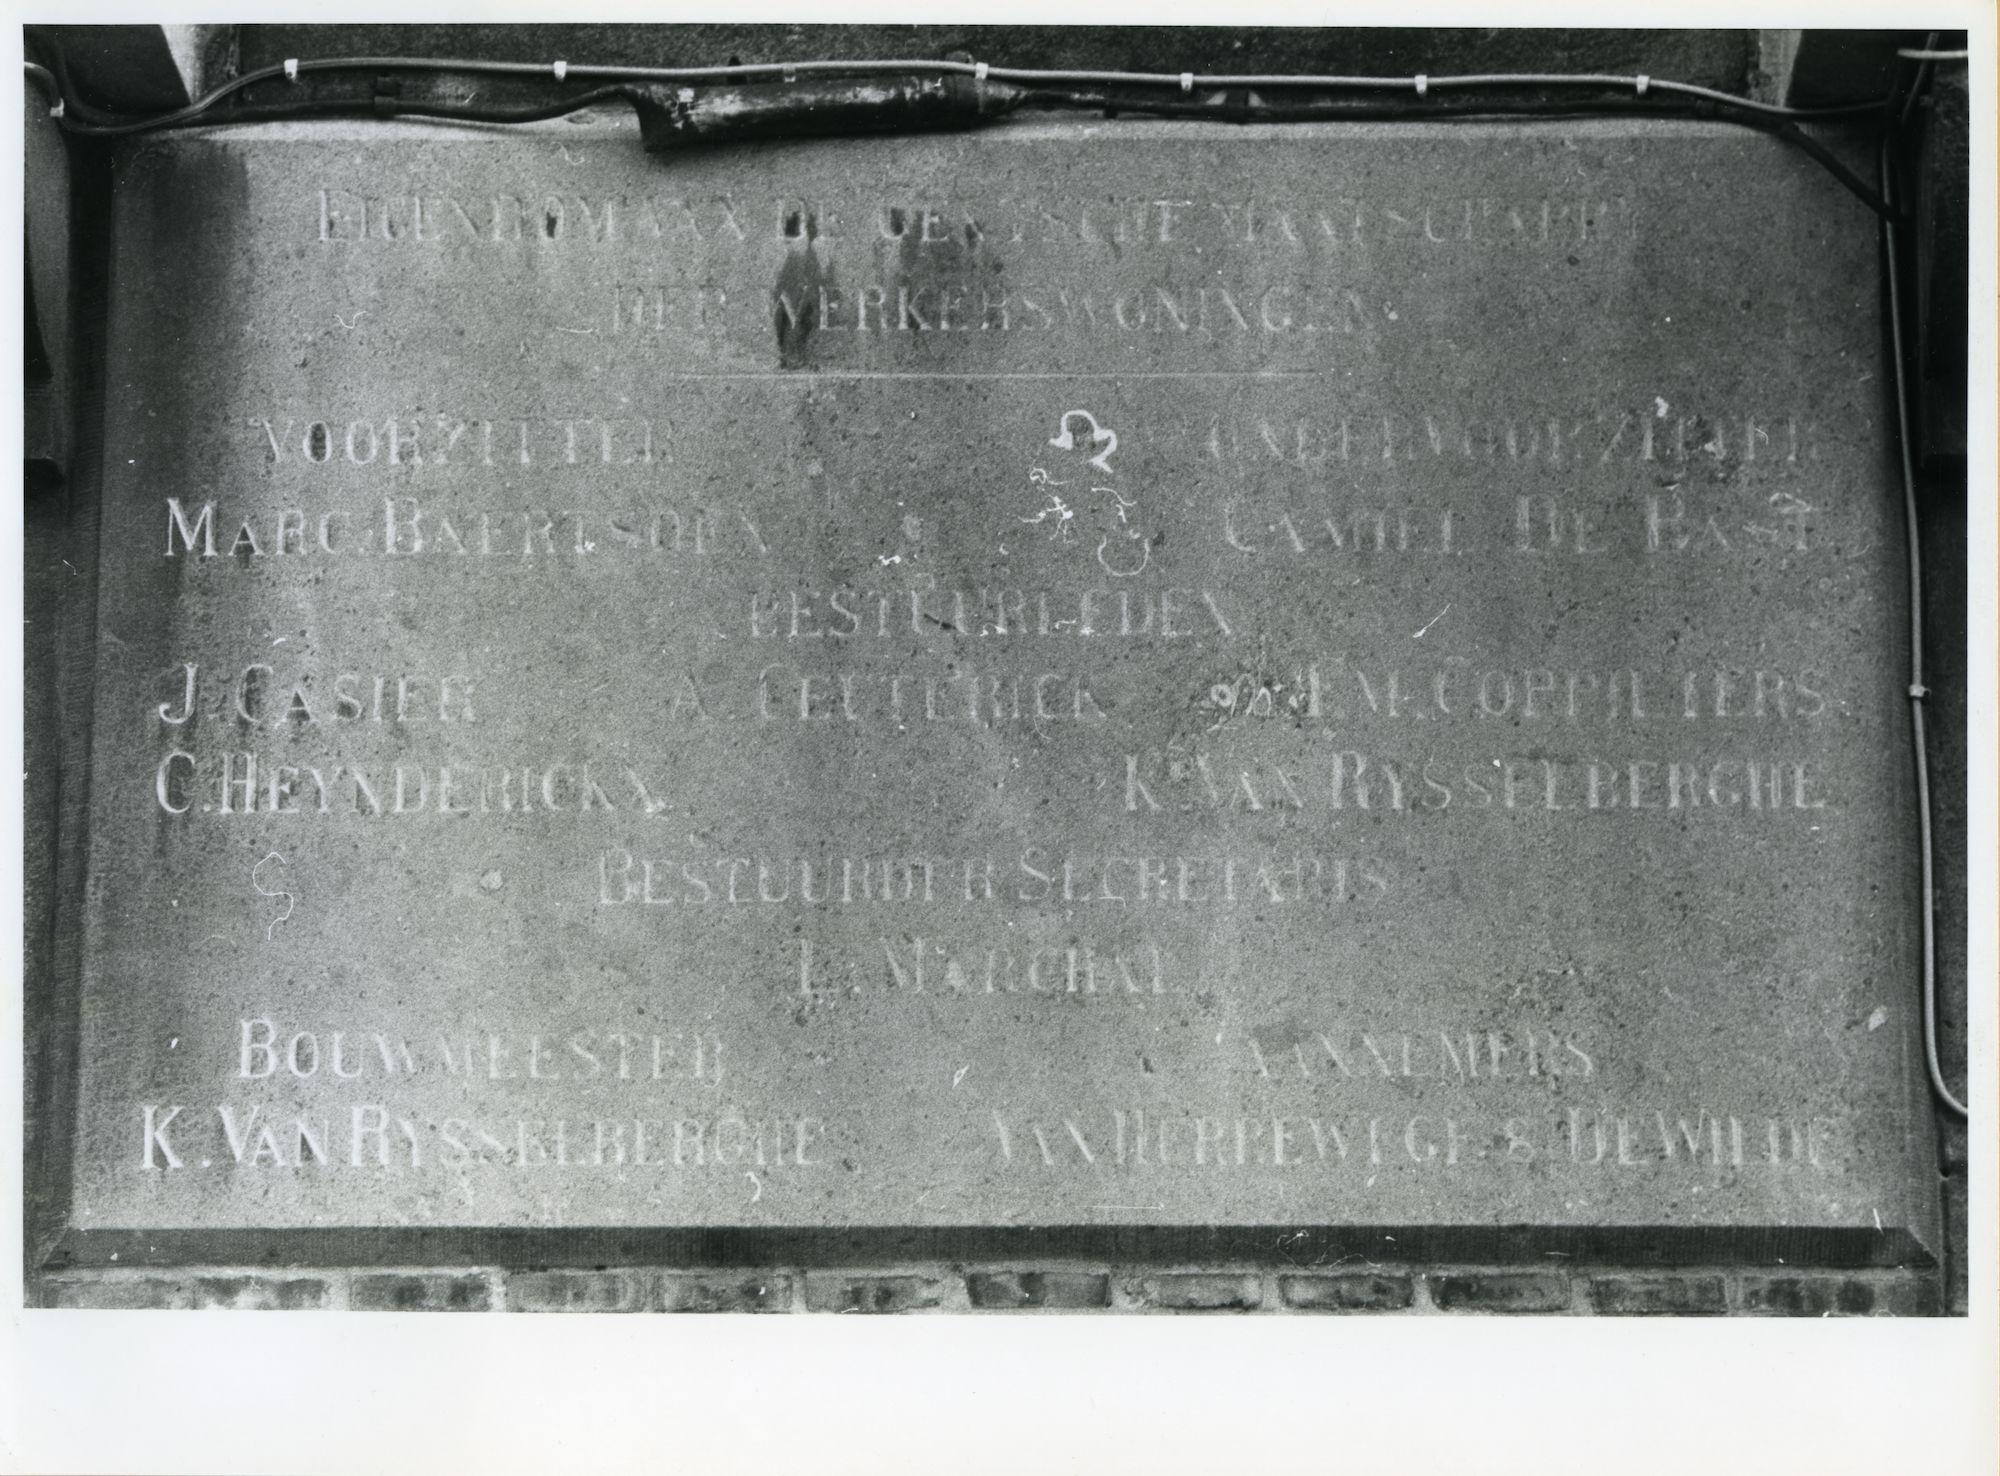 Gent: Zonnebloemstraat 36-38: Gedenksteen, 1979